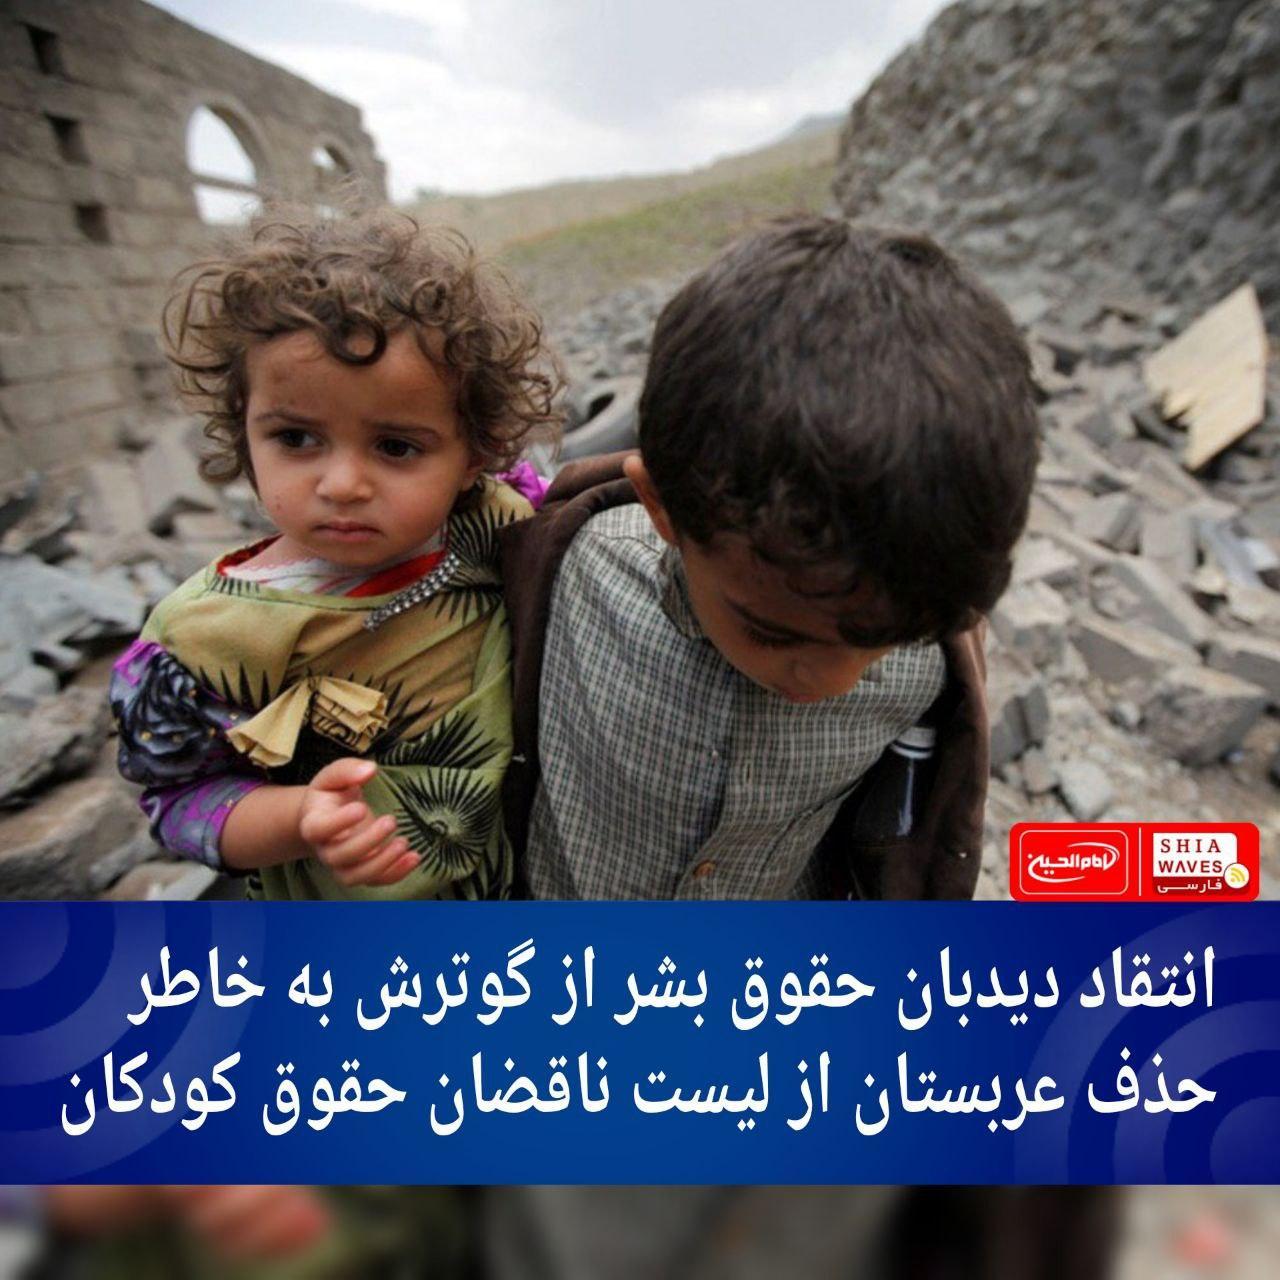 تصویر انتقاد دیدبان حقوق بشر از گوترش به خاطر حذف عربستان از لیست ناقضان حقوق کودکان